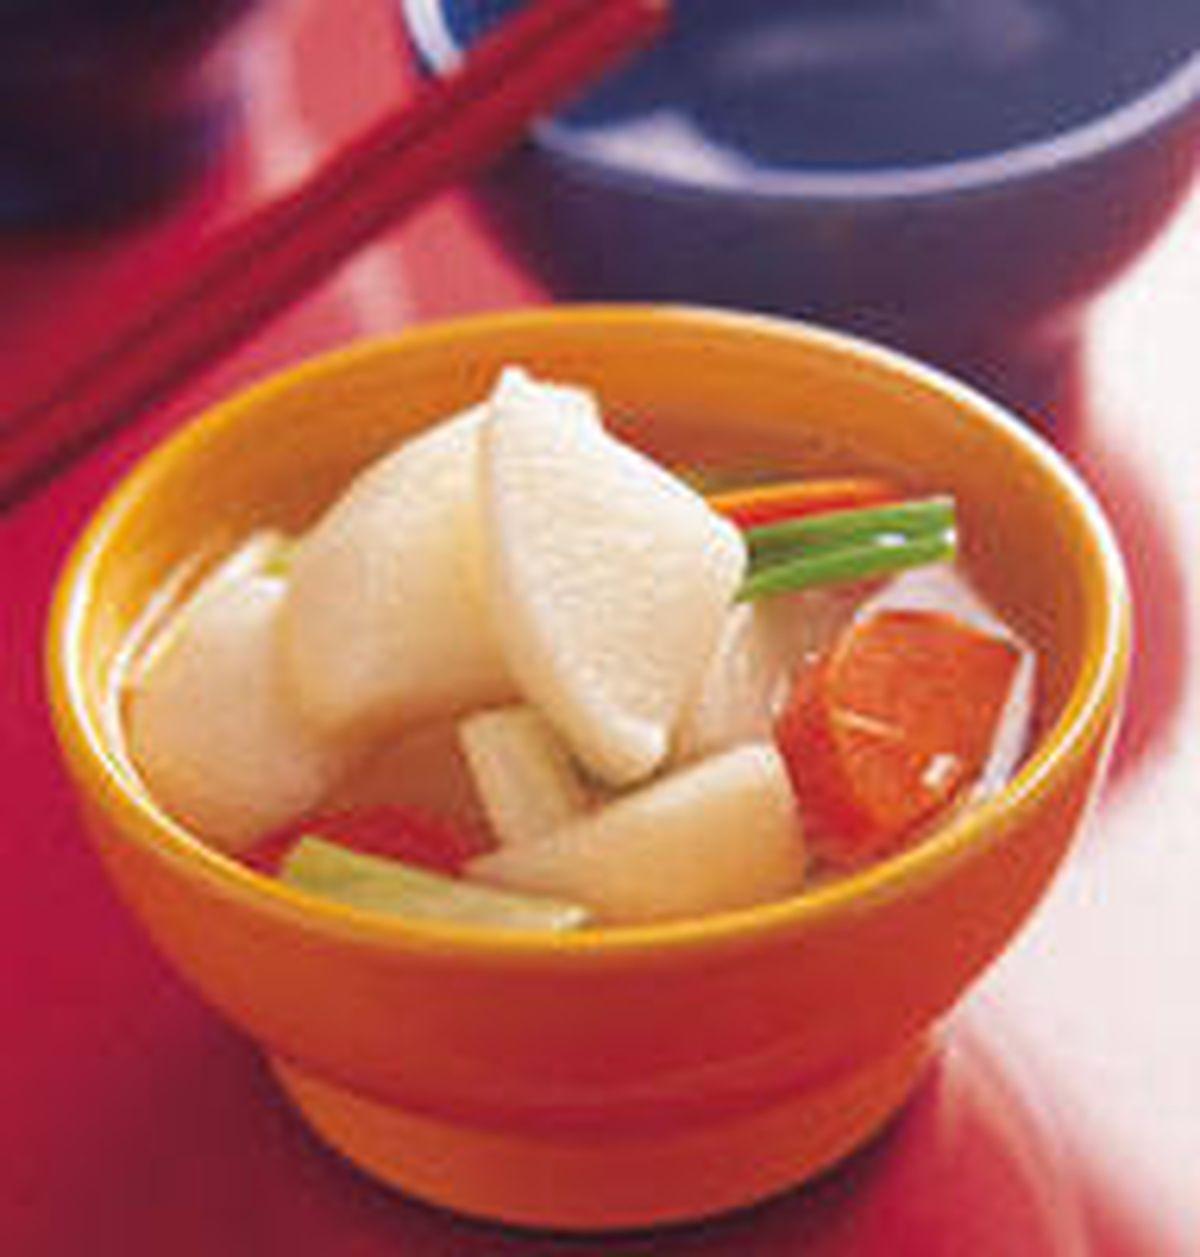 食譜:淡小蘿蔔水泡菜